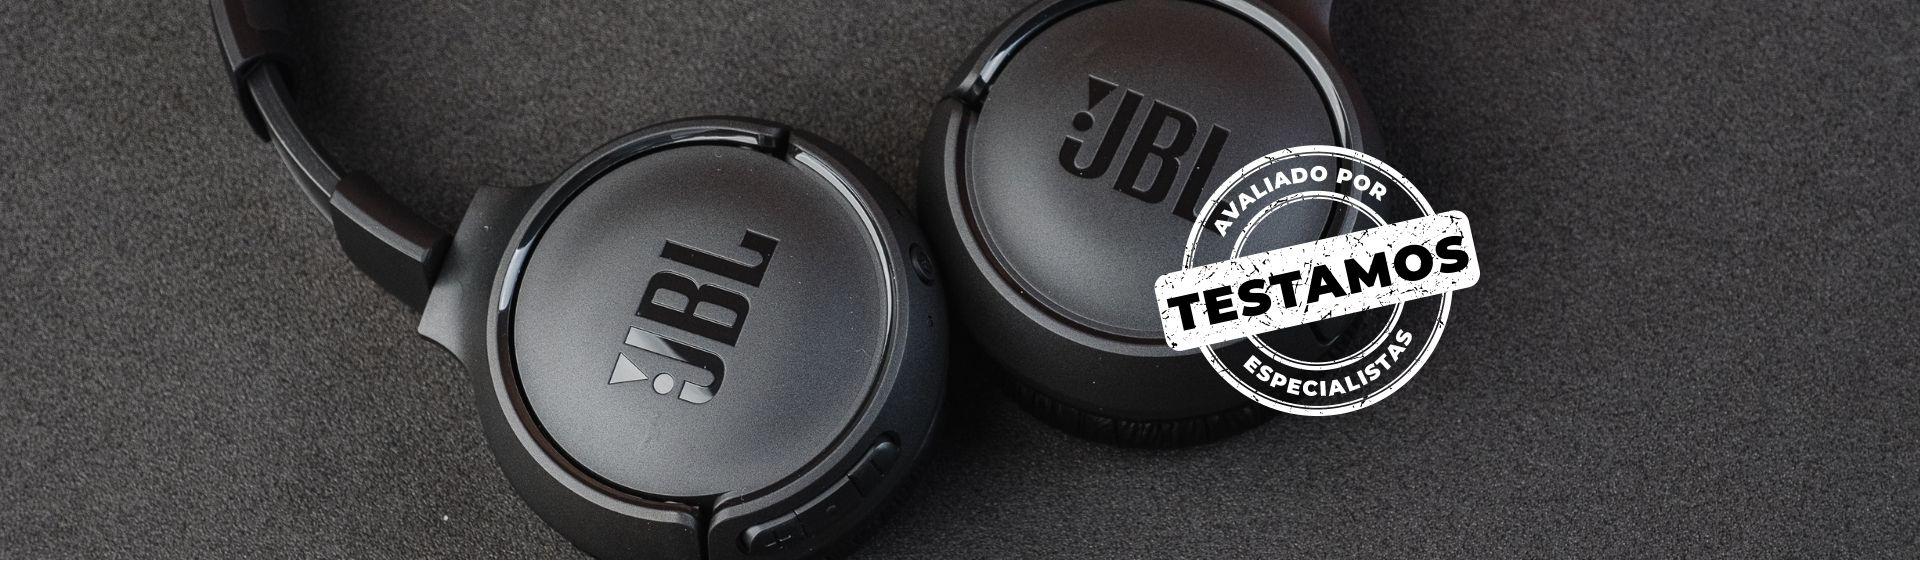 Fone JBL Tune 500BT preto em fundo cinza